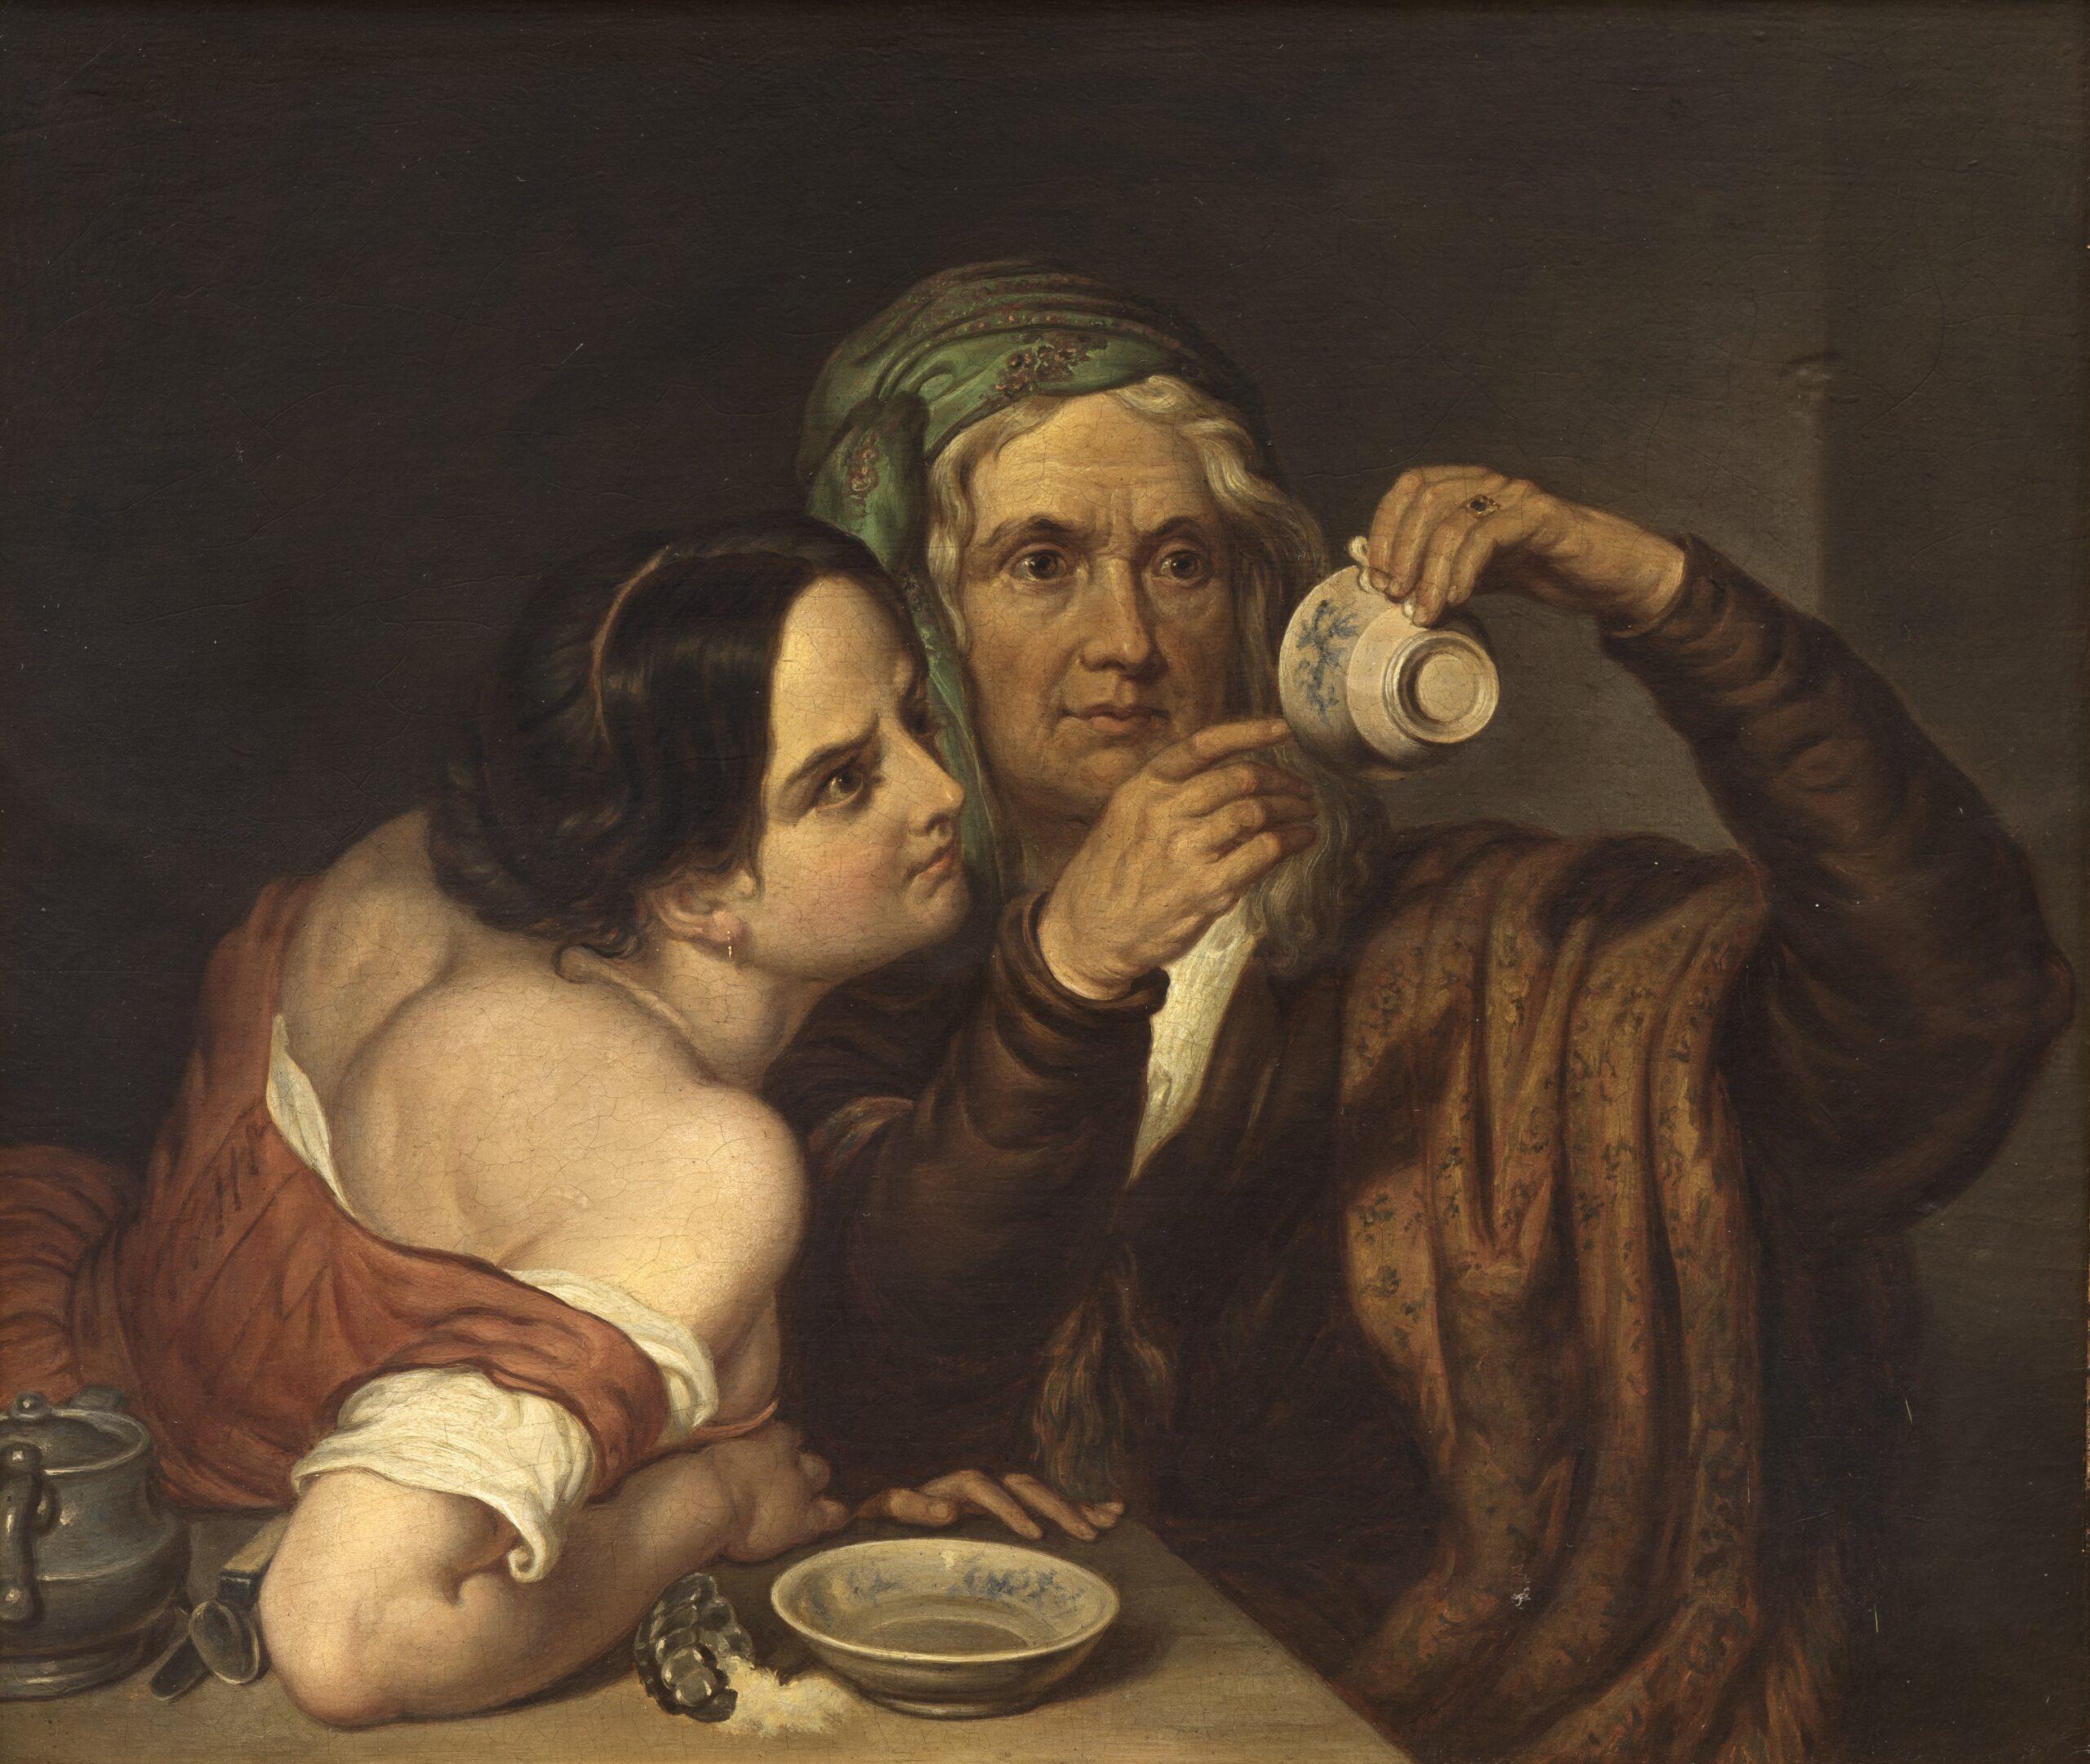 Maleri af ubekendt italiensk kunstner, 'To kvinder med kop', u.å. Nivaagaards Malerisamling